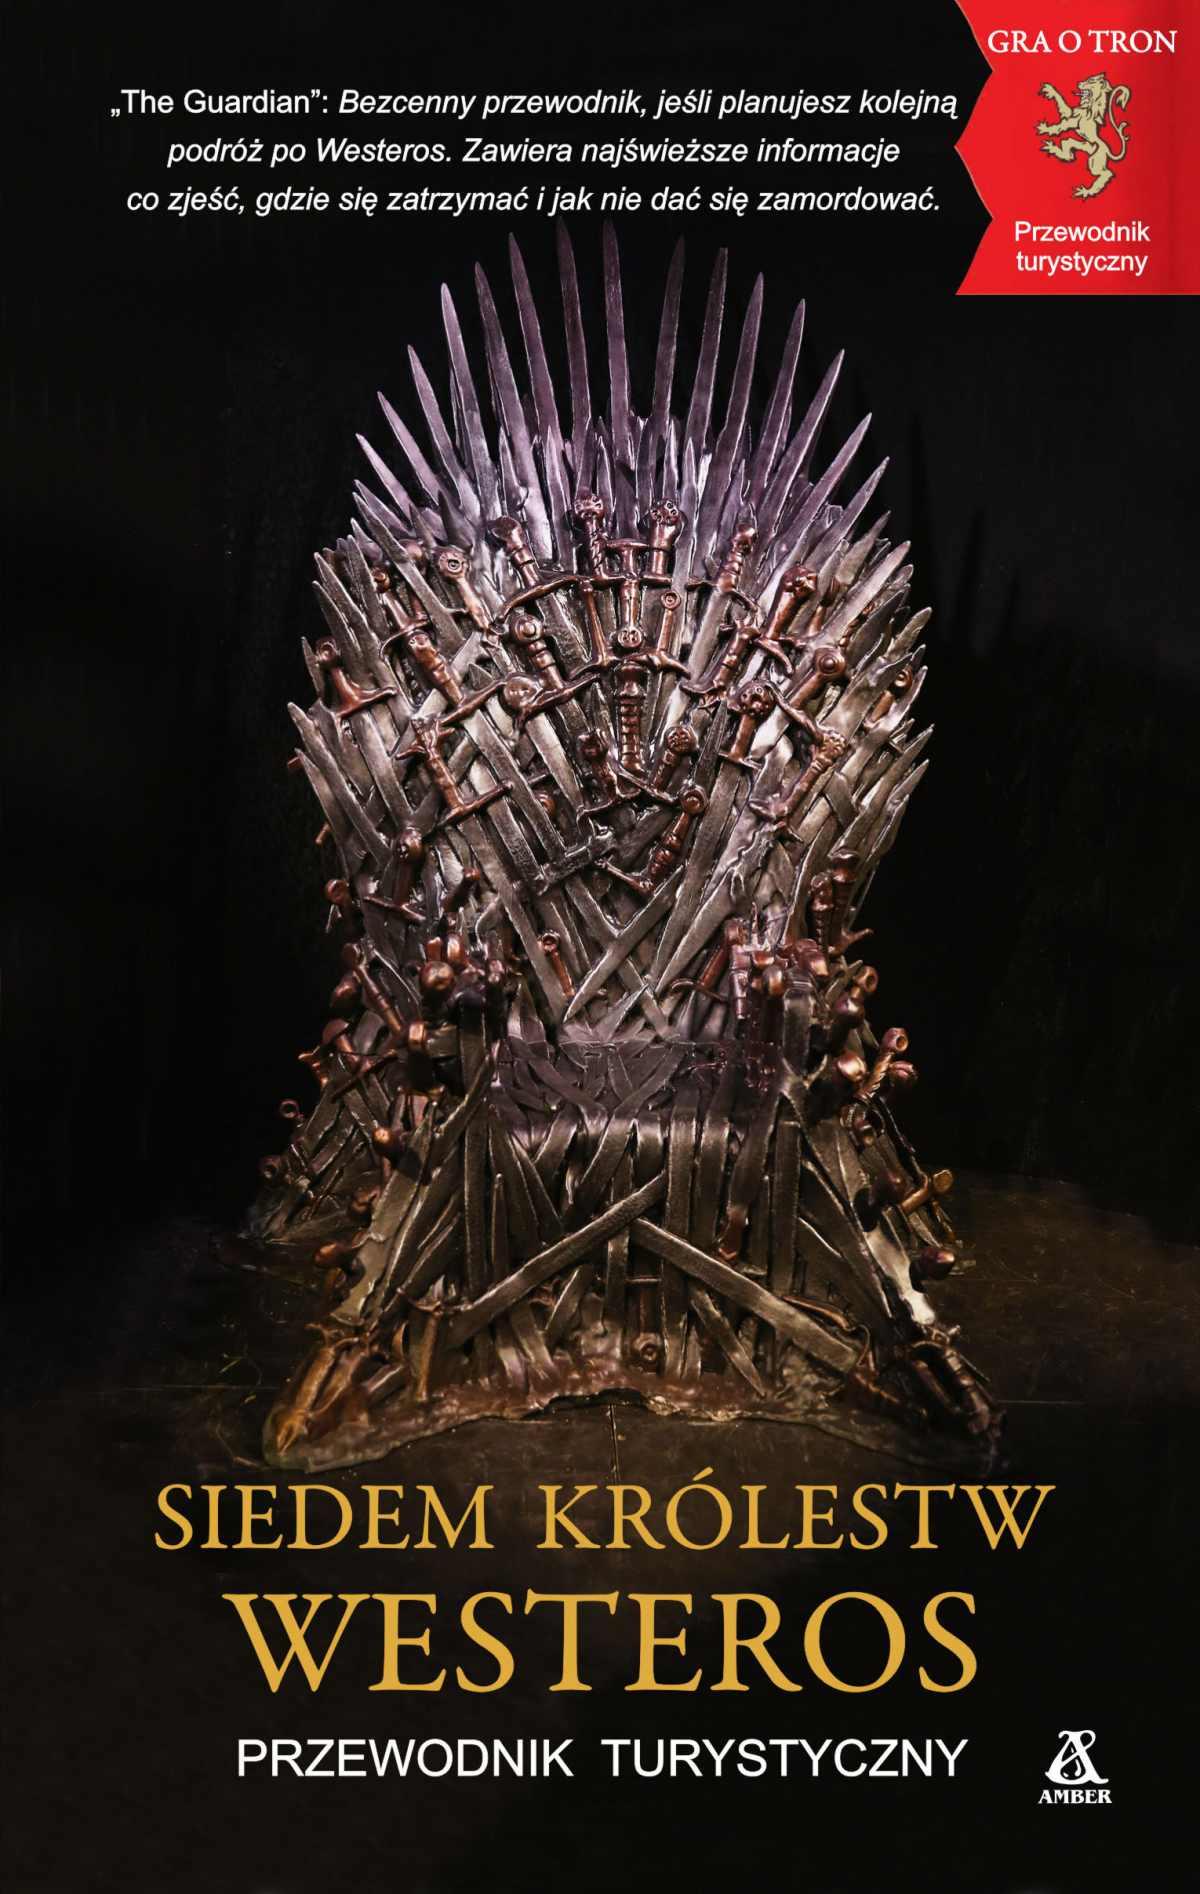 Siedem królestw Westeros - Ebook (Książka EPUB) do pobrania w formacie EPUB